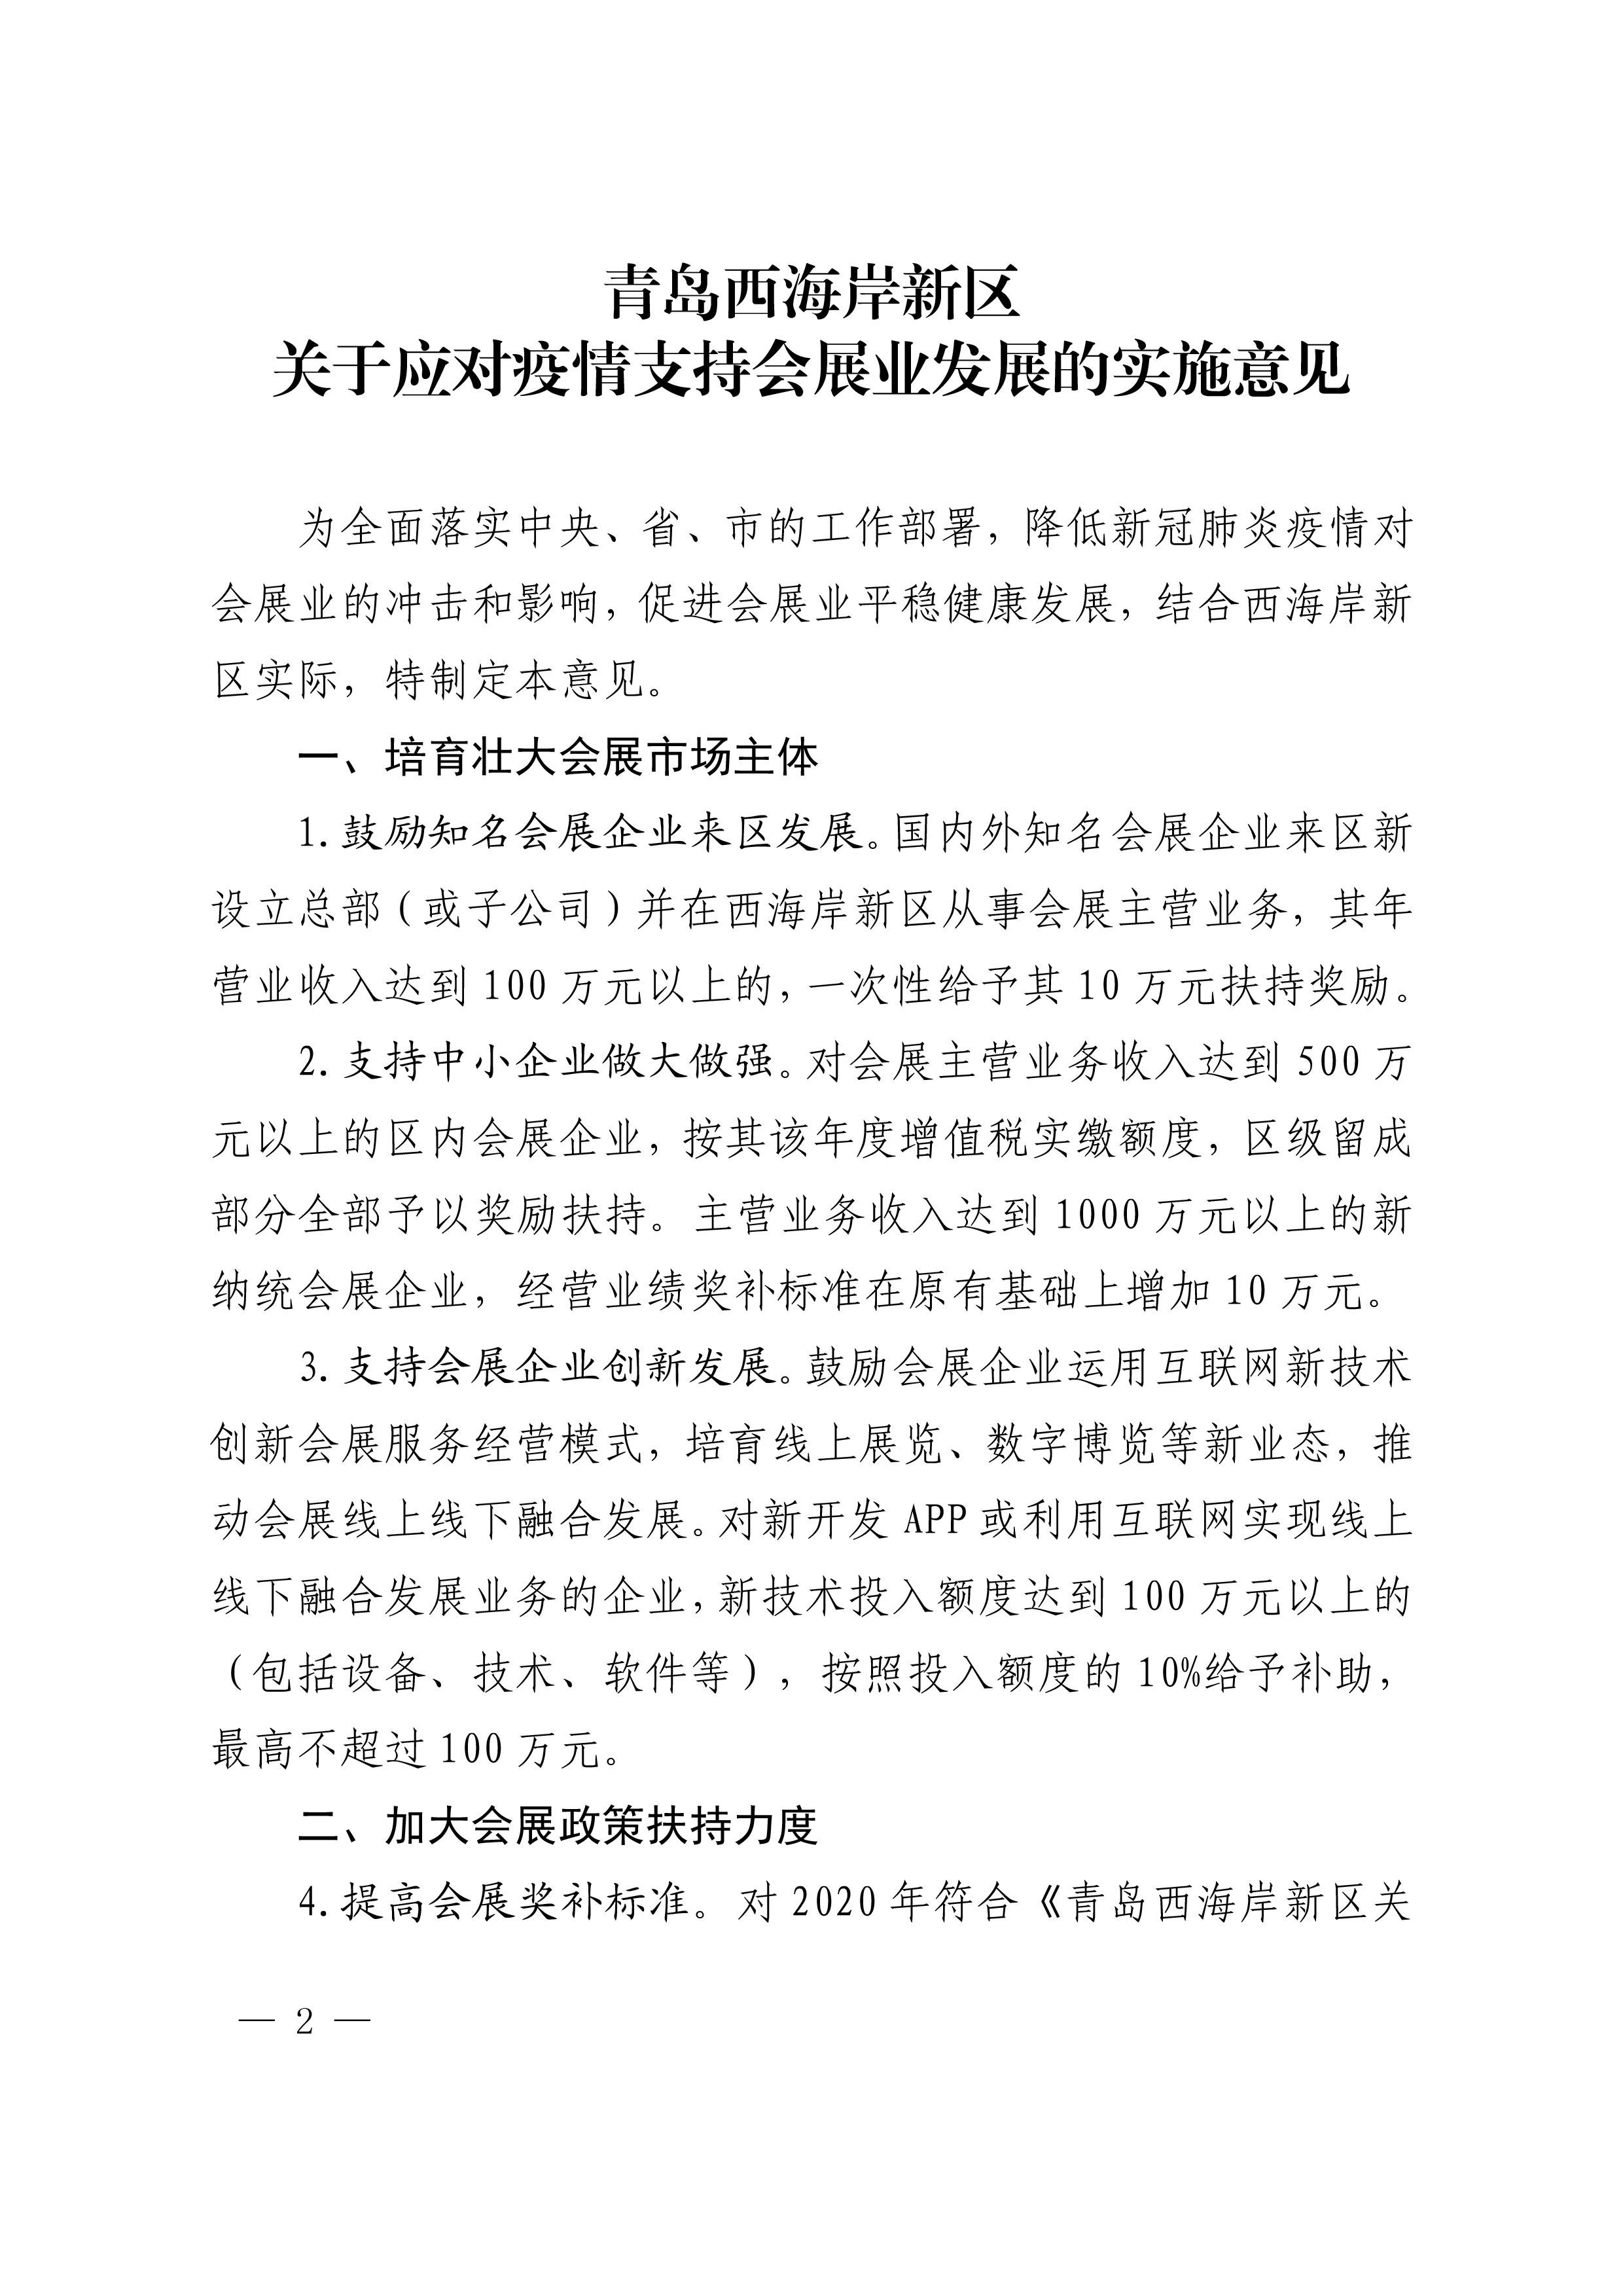 《青岛西海岸新区关于应对疫情支持会展业发展的实施意见》第2页